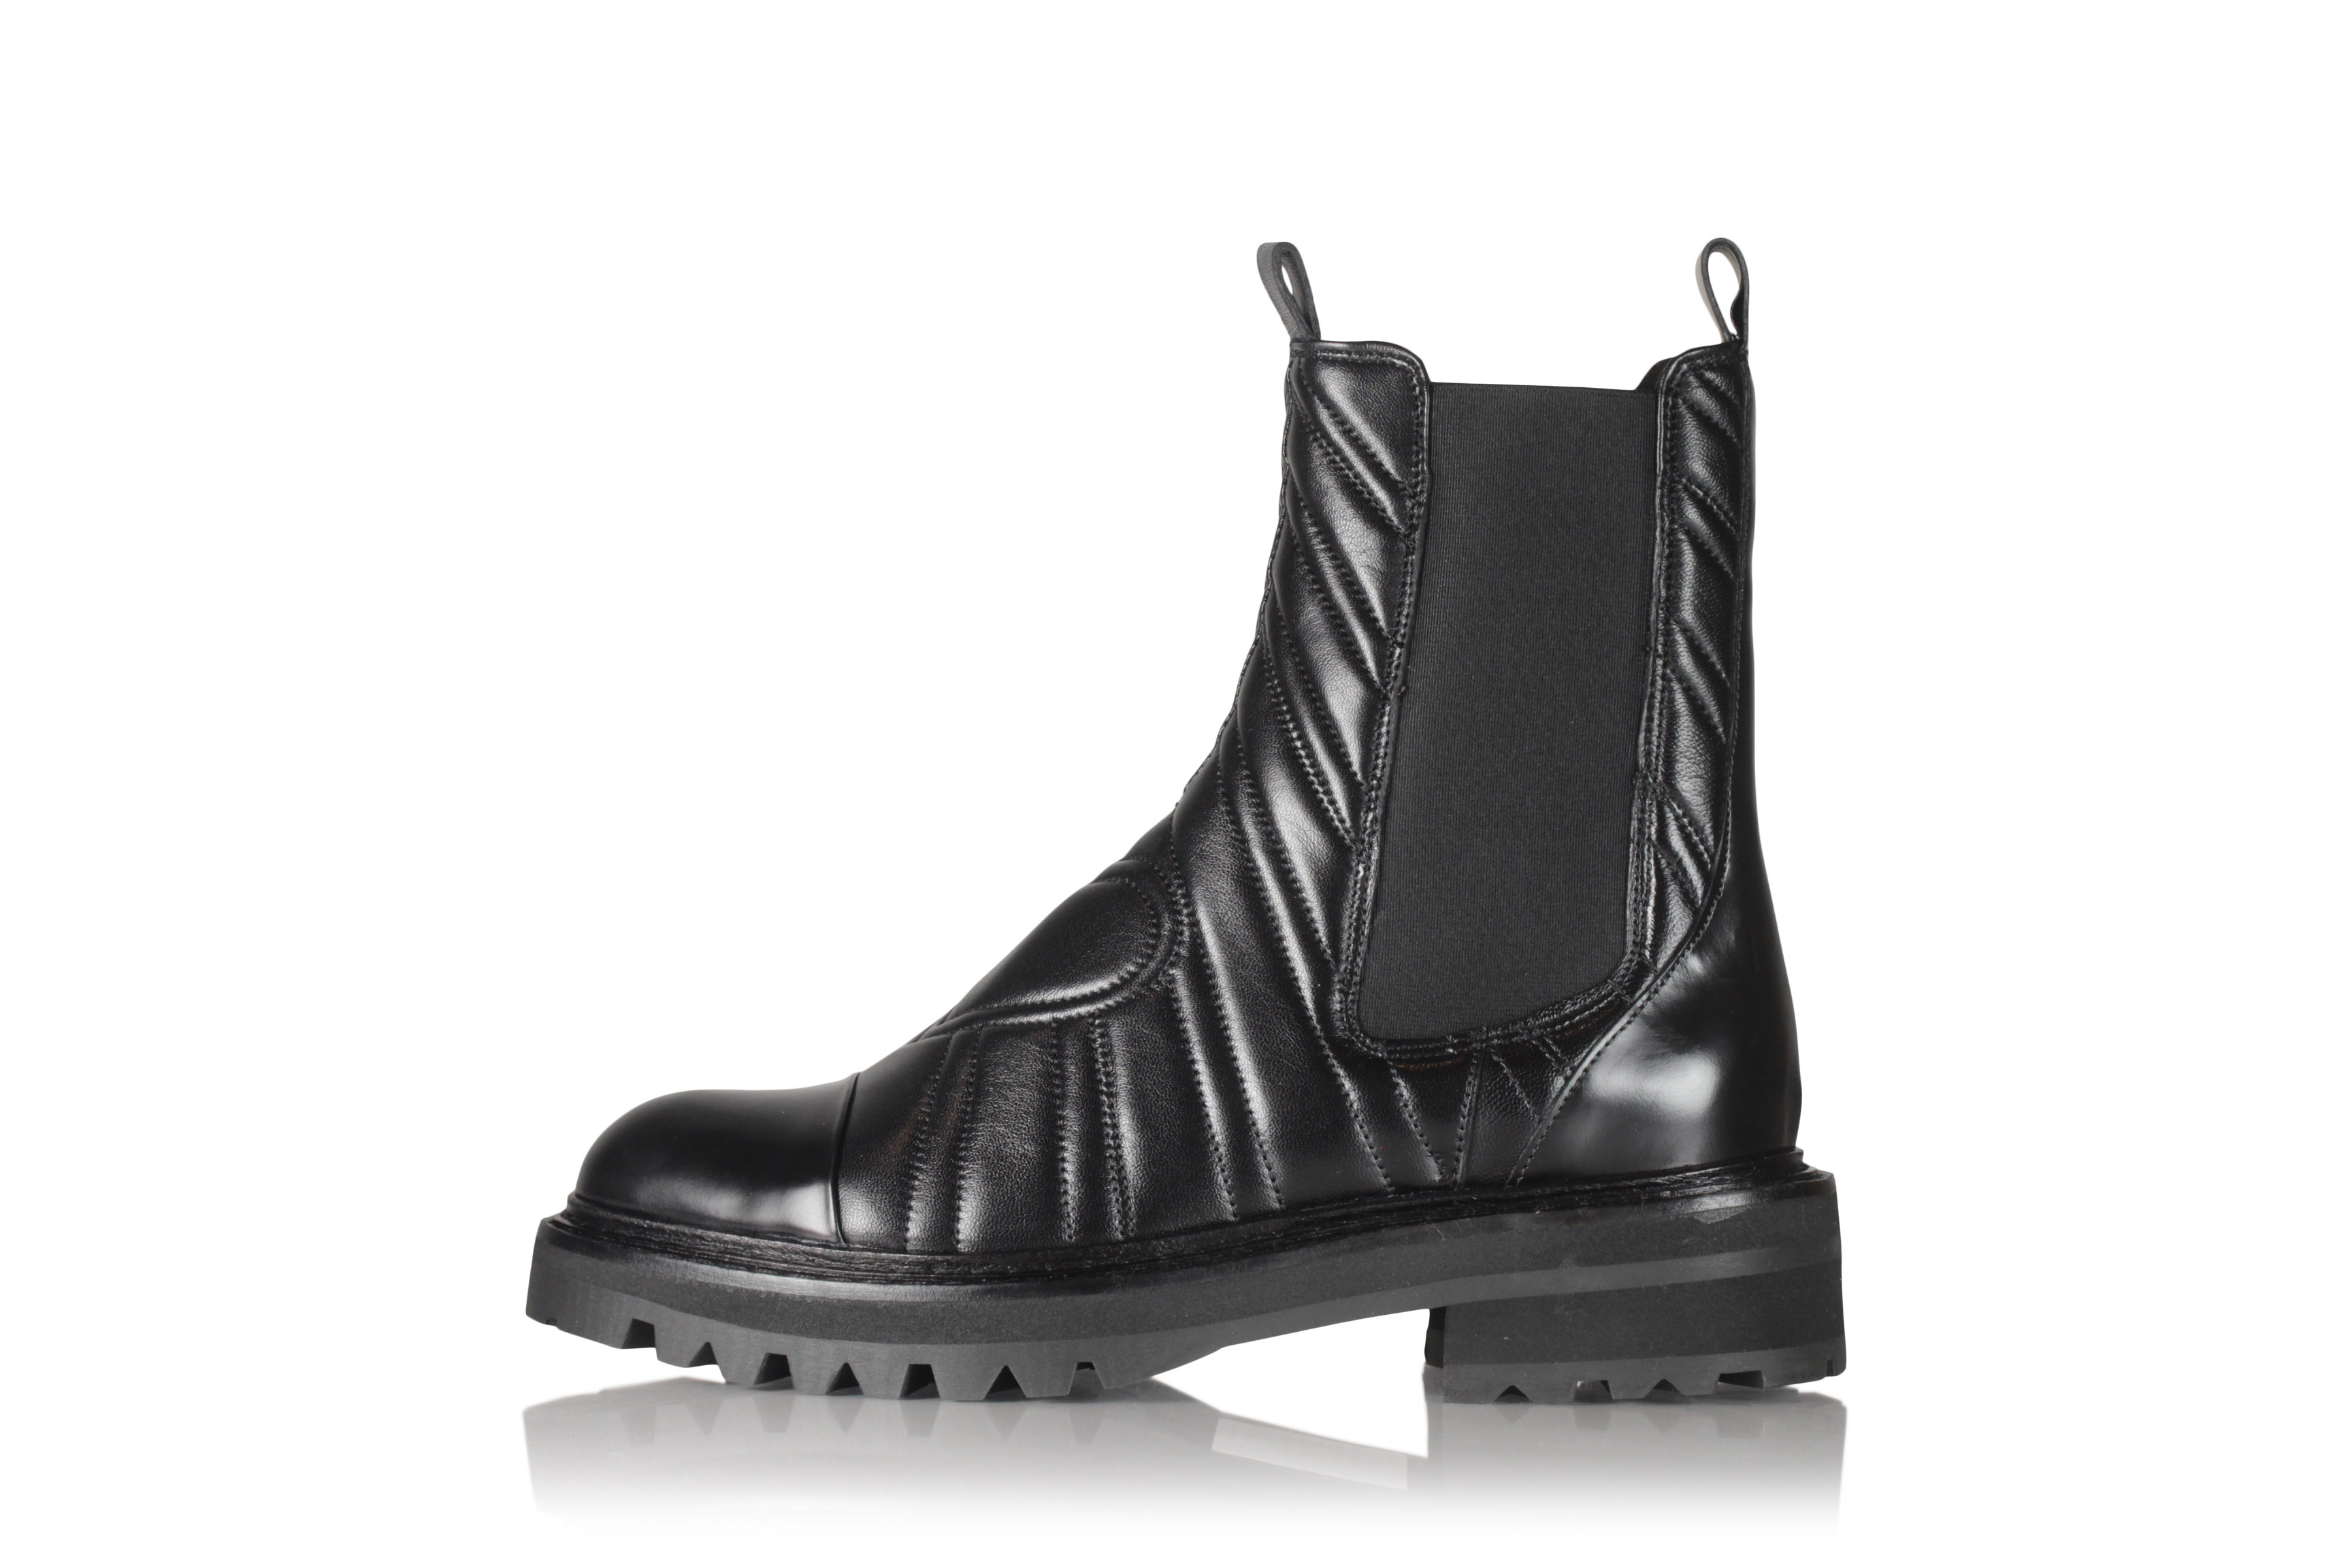 Billi bi A1477 boots